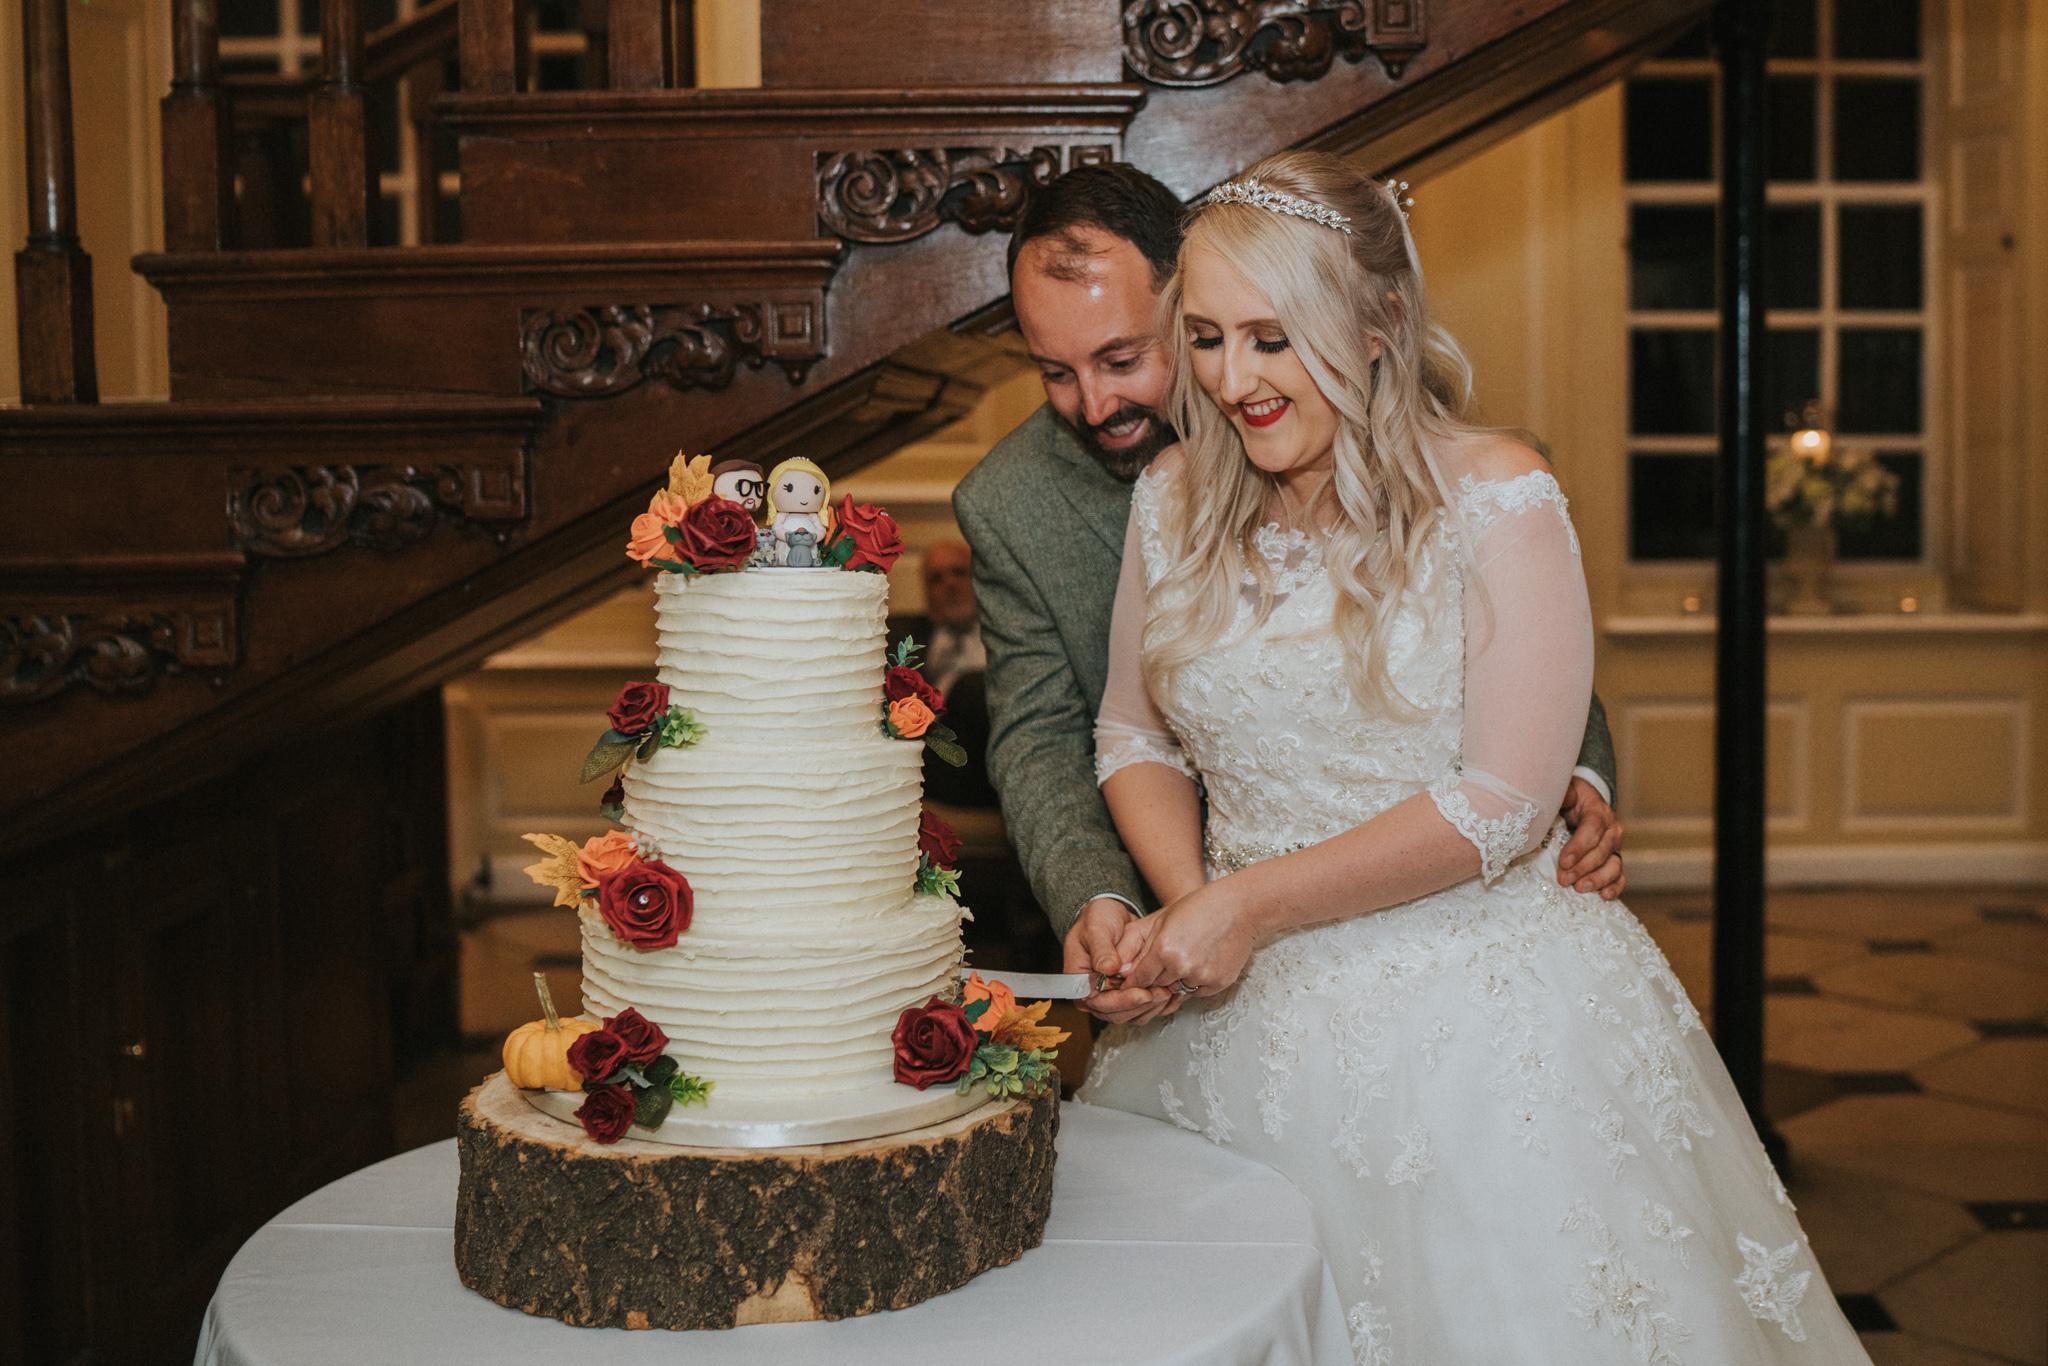 chara-neil-gosfield-hall-wedding-grace-elizabeth-colchester-essex-alternative-wedding-photographer-essex-devon-suffolk-norfolk (46 of 50).jpg